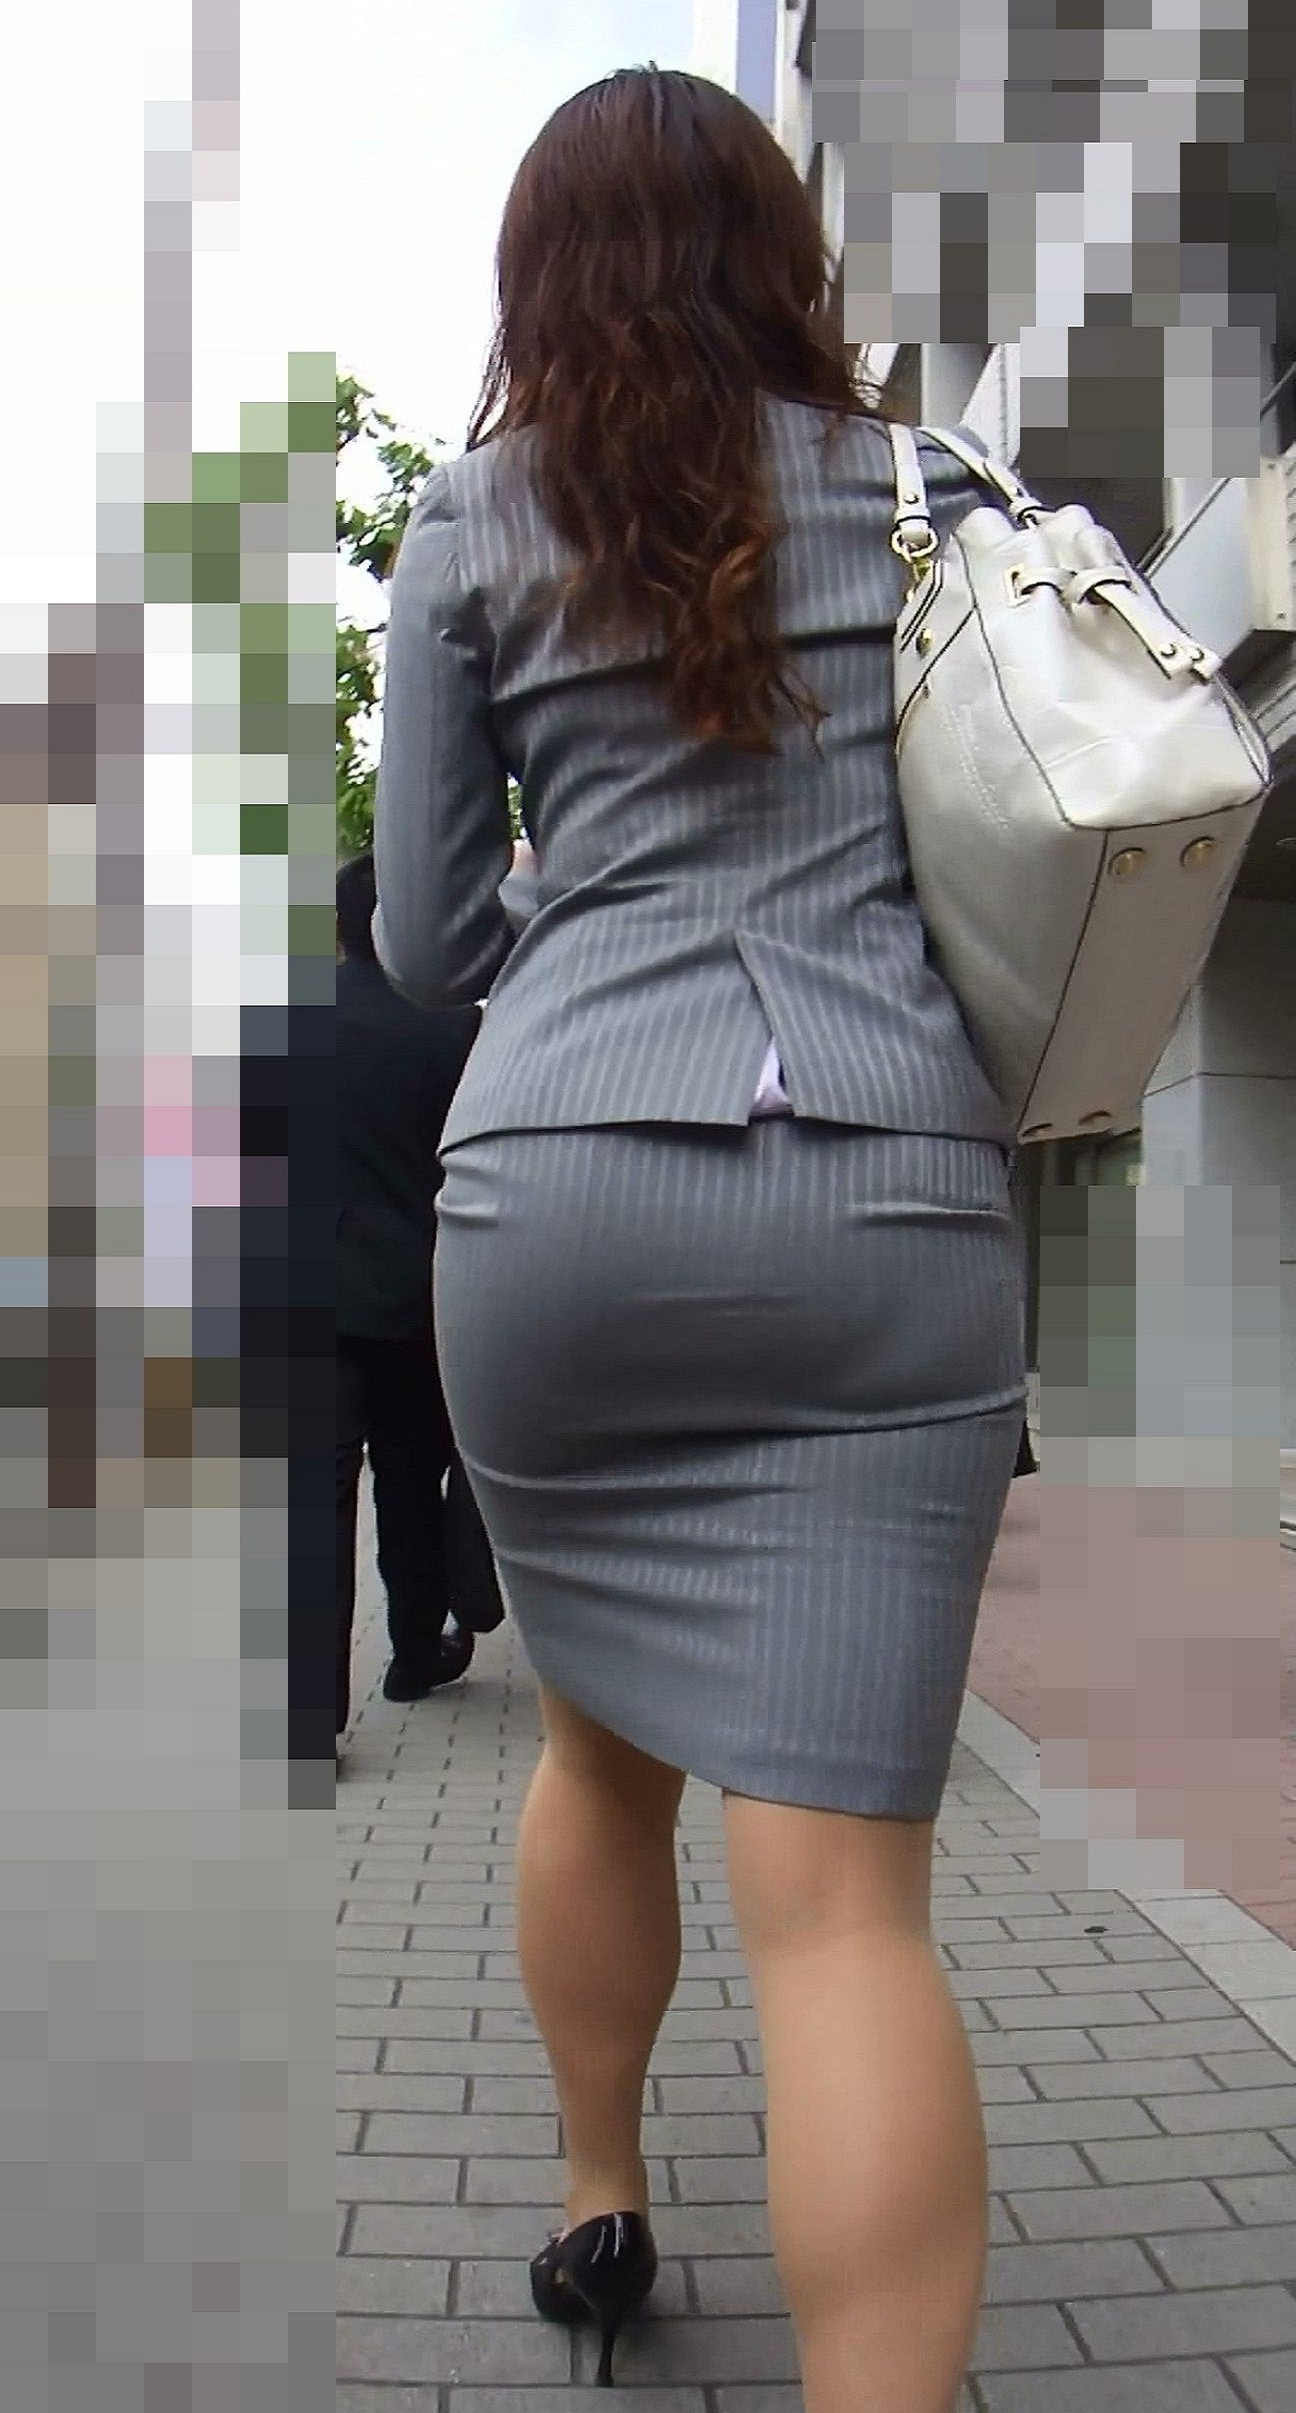 【透けパンエロ画像】タイトスカートのお約束…尻デカすぎるから張った布越しに下着が浮いてる(*゚∀゚)=3